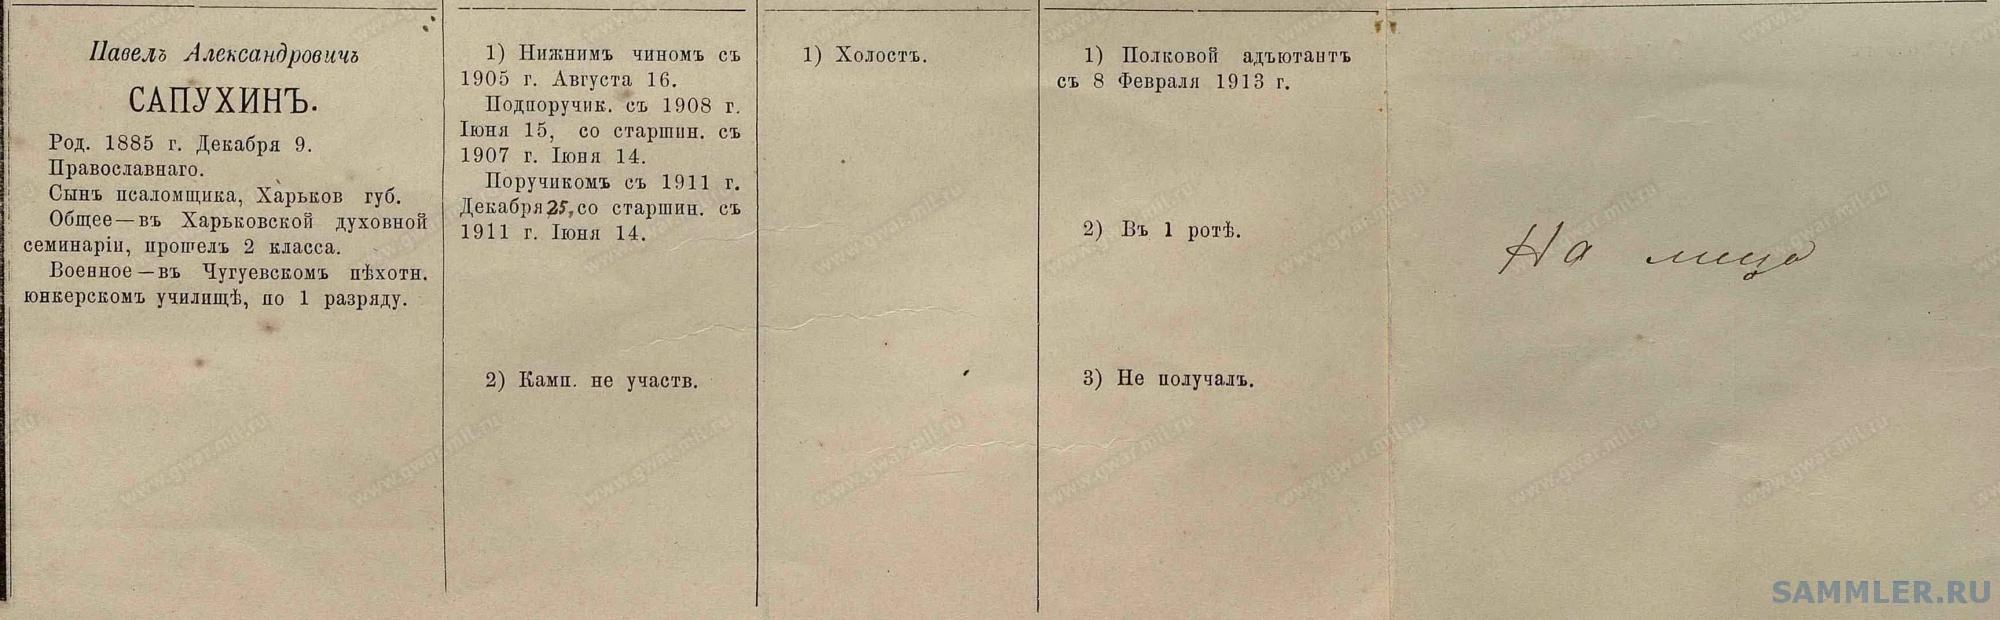 Сапухин П.А.1.jpg